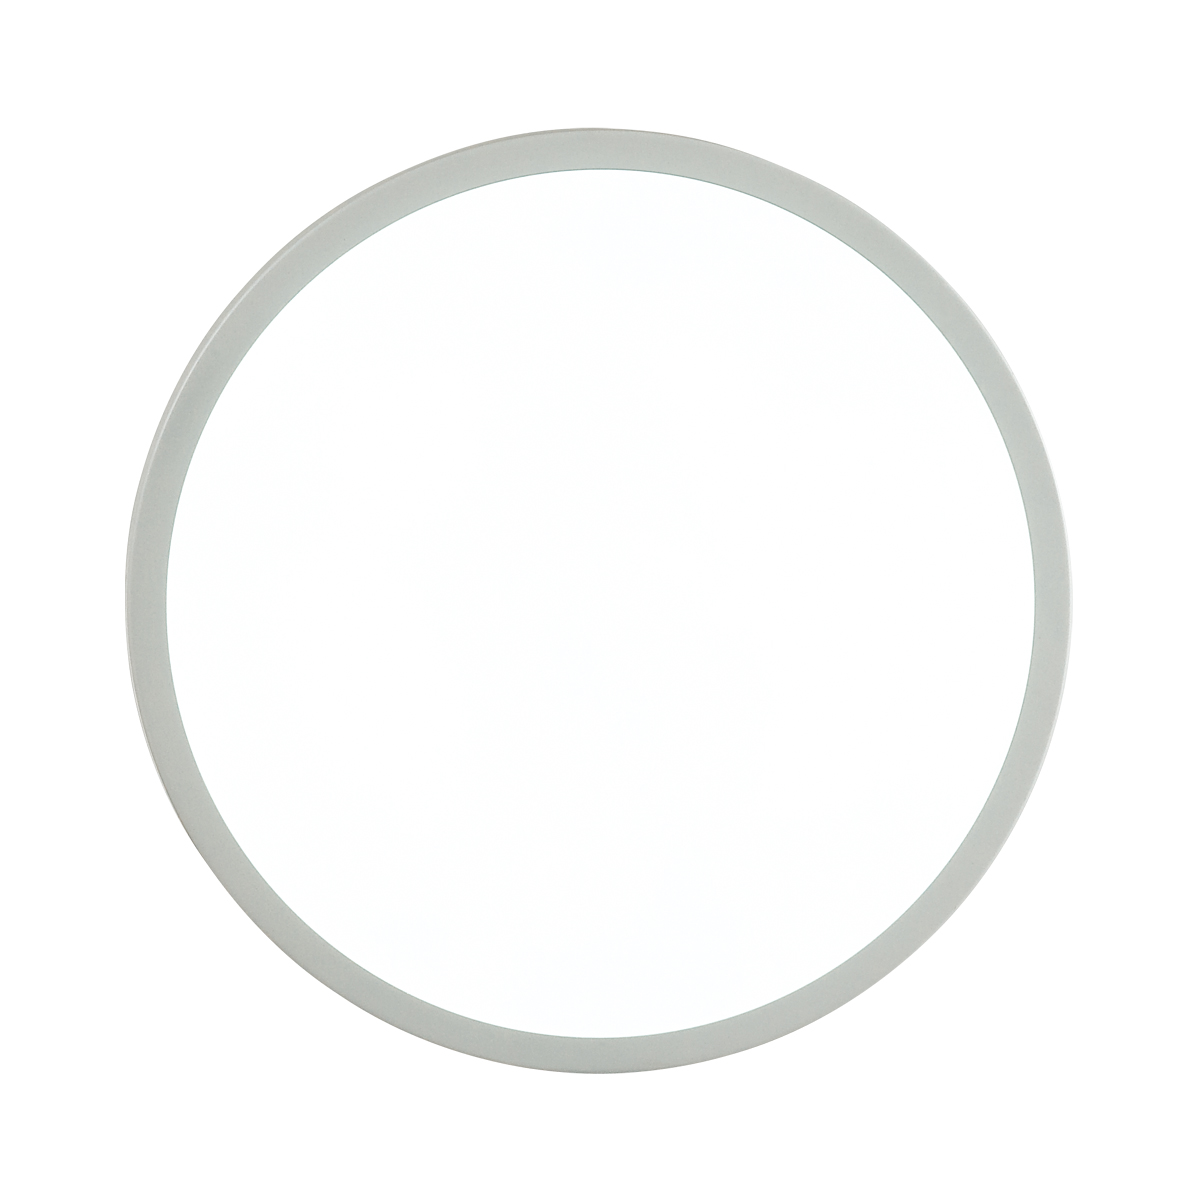 Потолочные светильники 3014/AL SMALLI Sonex